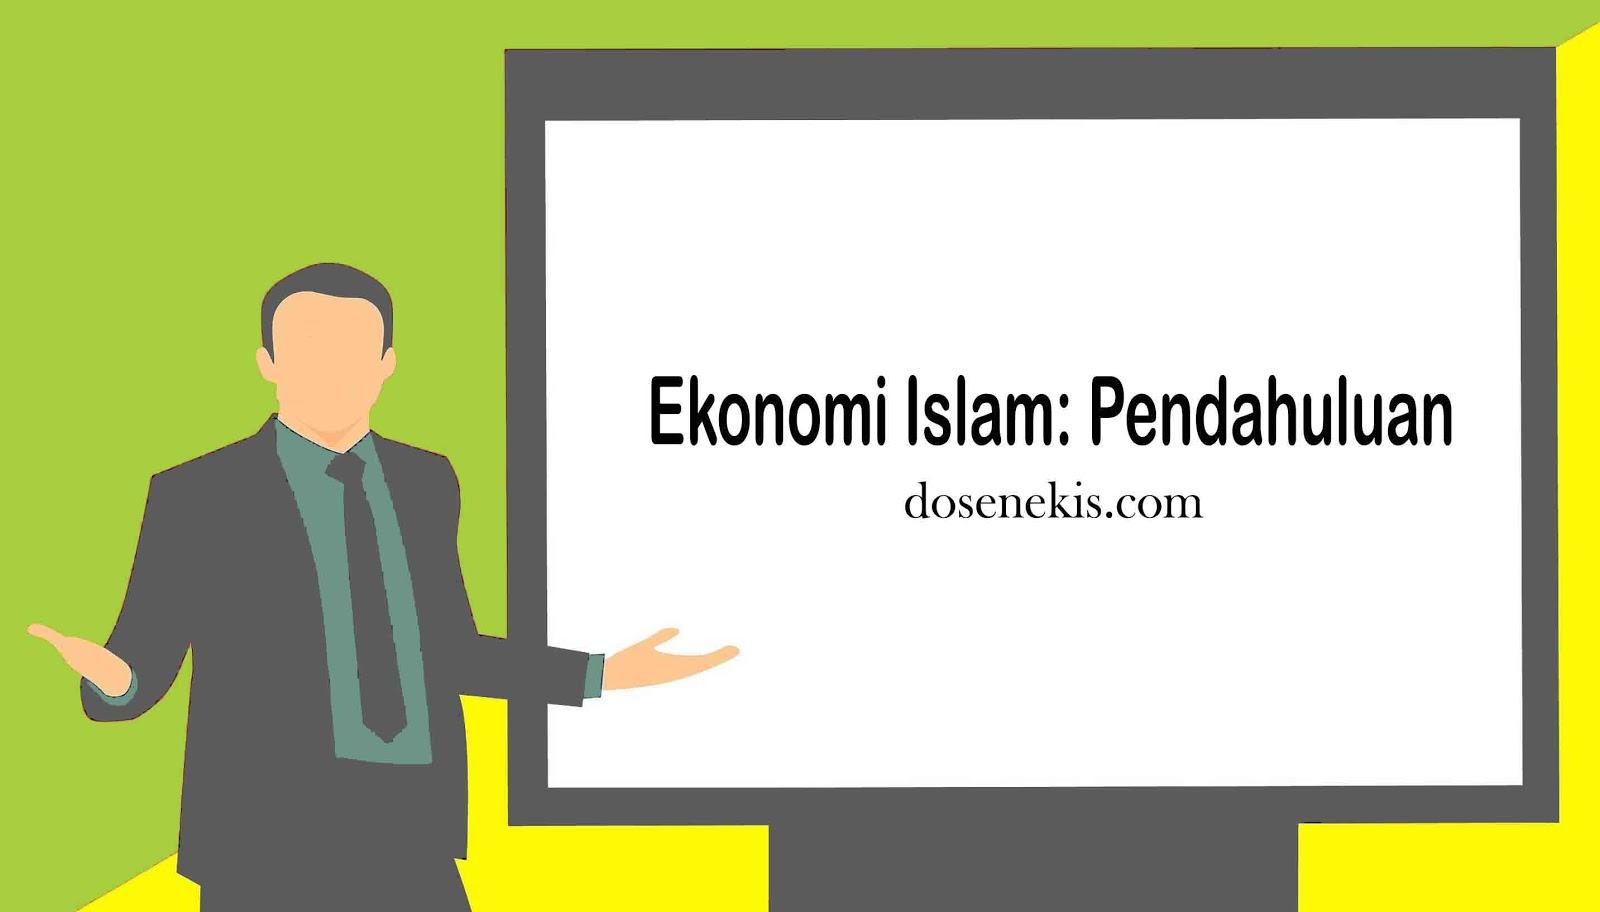 ekonomi-islam-pendahuluan